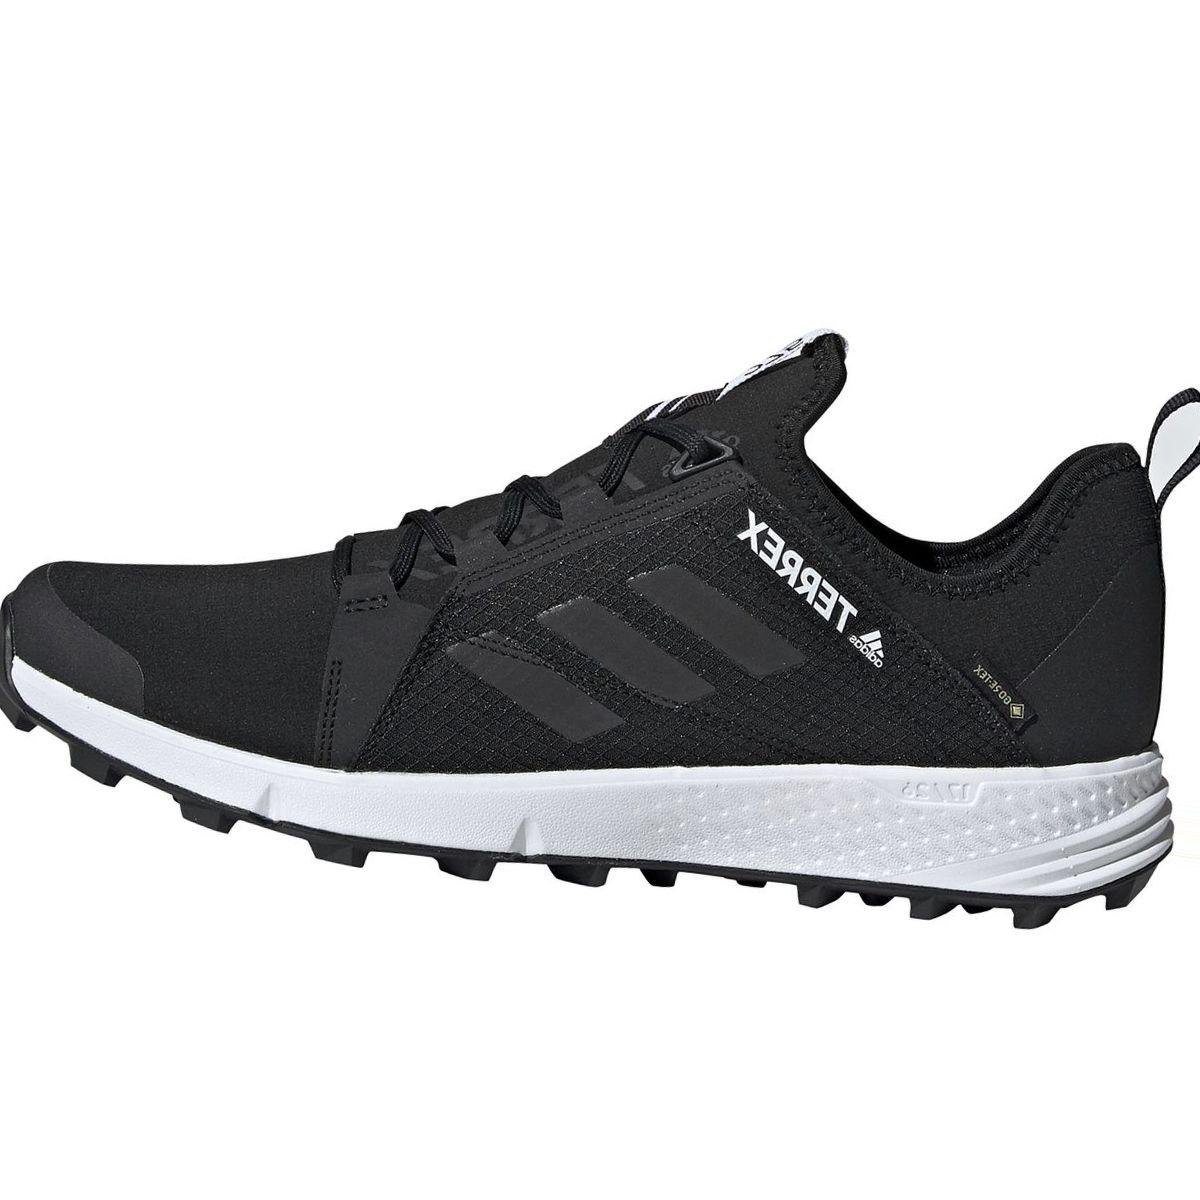 Adidas Outdoor Terrex Agravic Speed GTX Trail Running Shoe - Men's